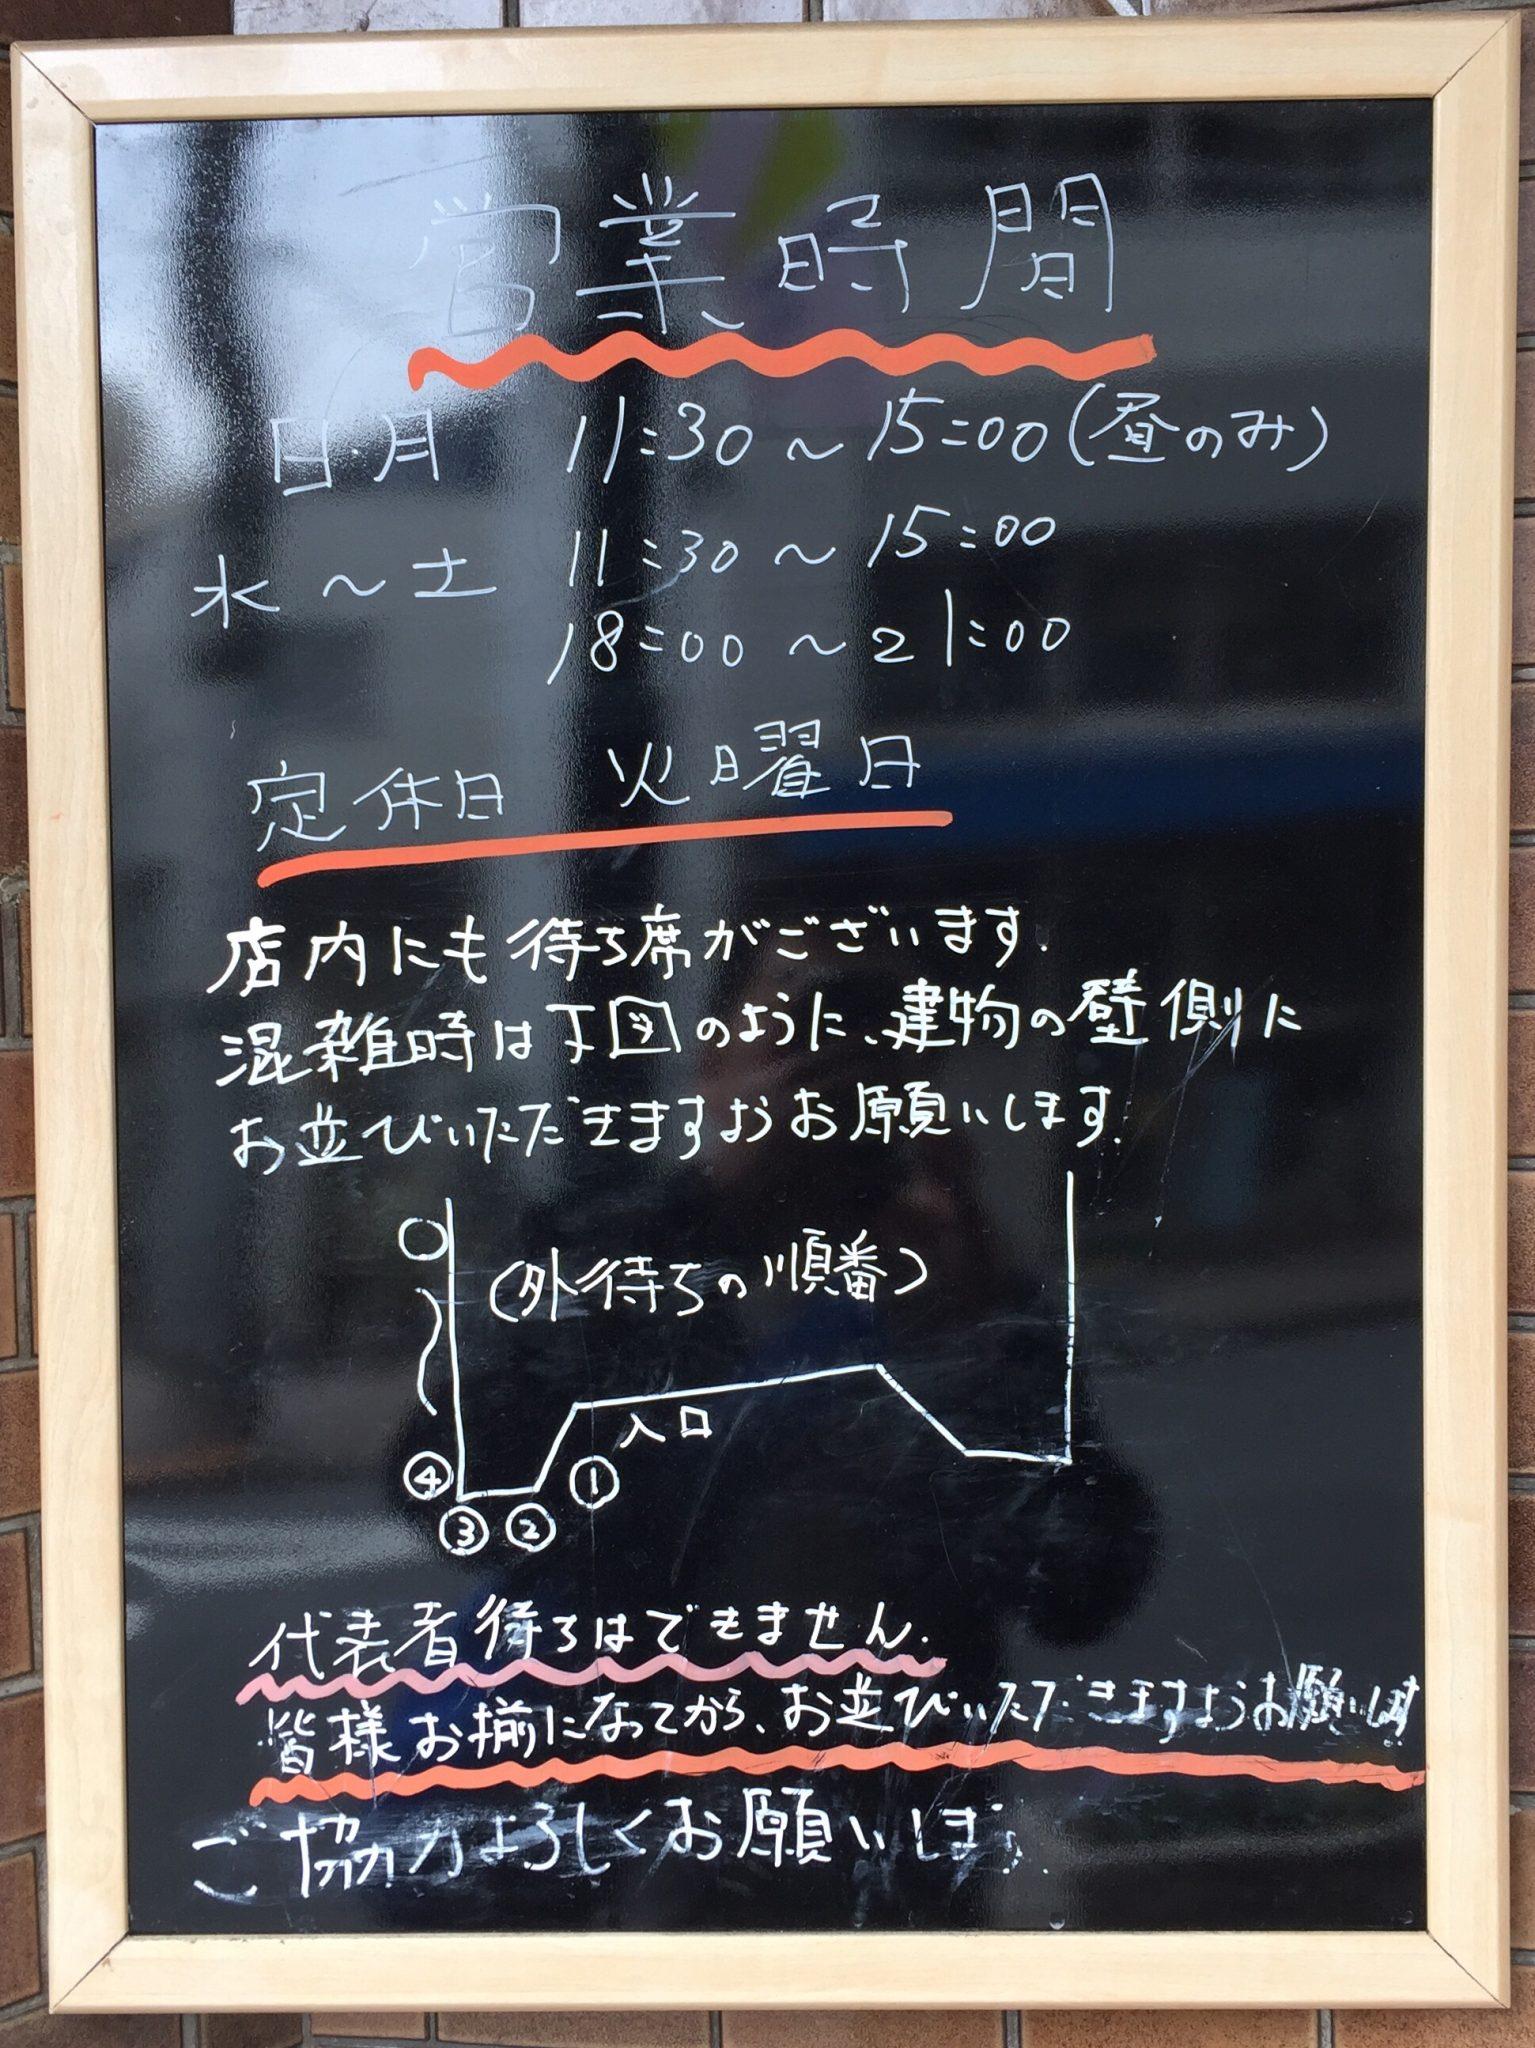 かしわぎ 東中野 営業時間 営業案内 定休日 行列 並び方